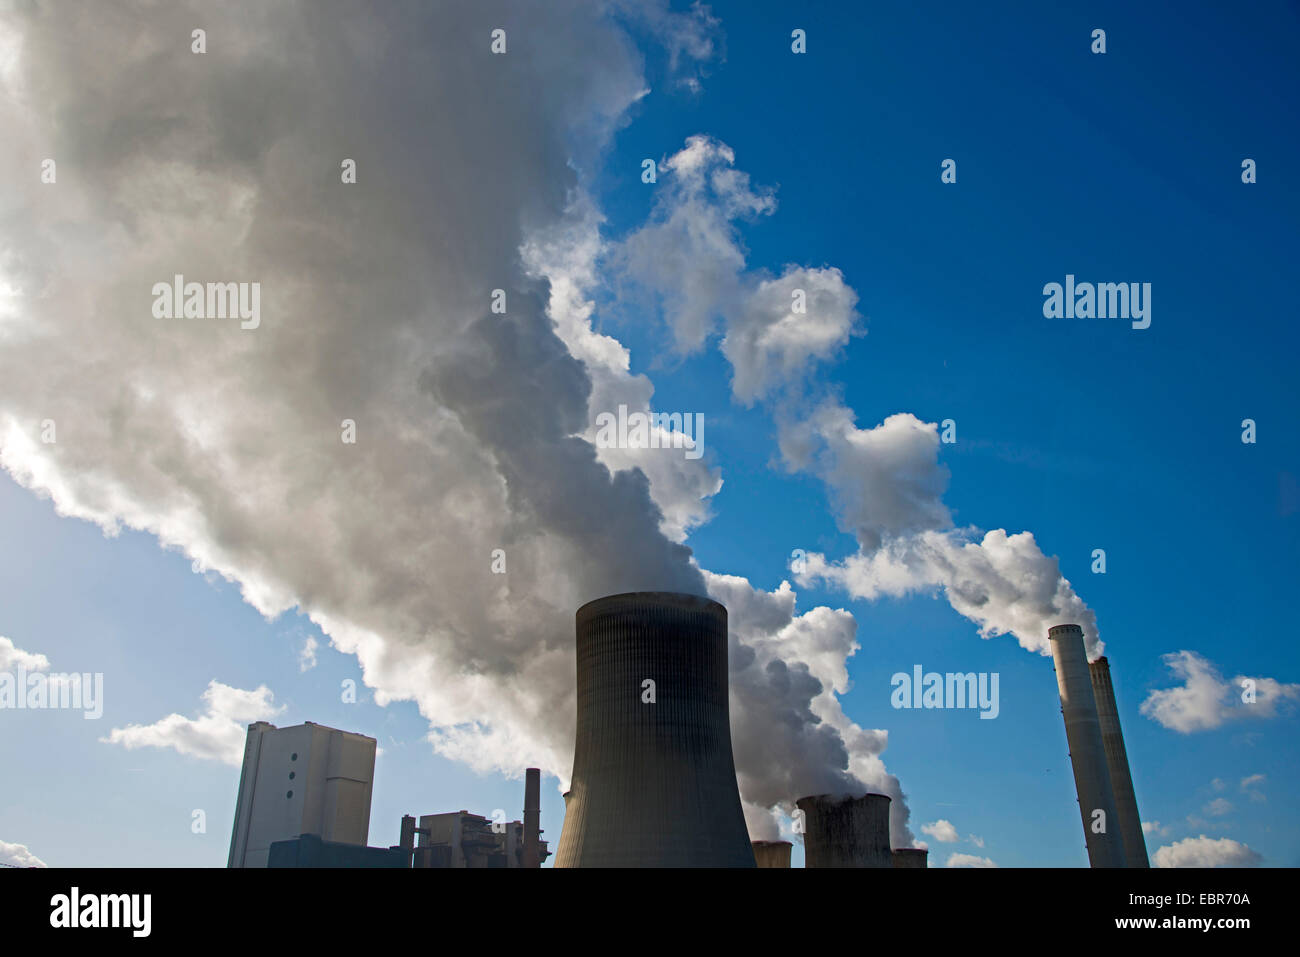 brown coal-fired power station RWE-Power in Niederaussem, Germany, North Rhine-Westphalia, Niederaussem - Stock Image